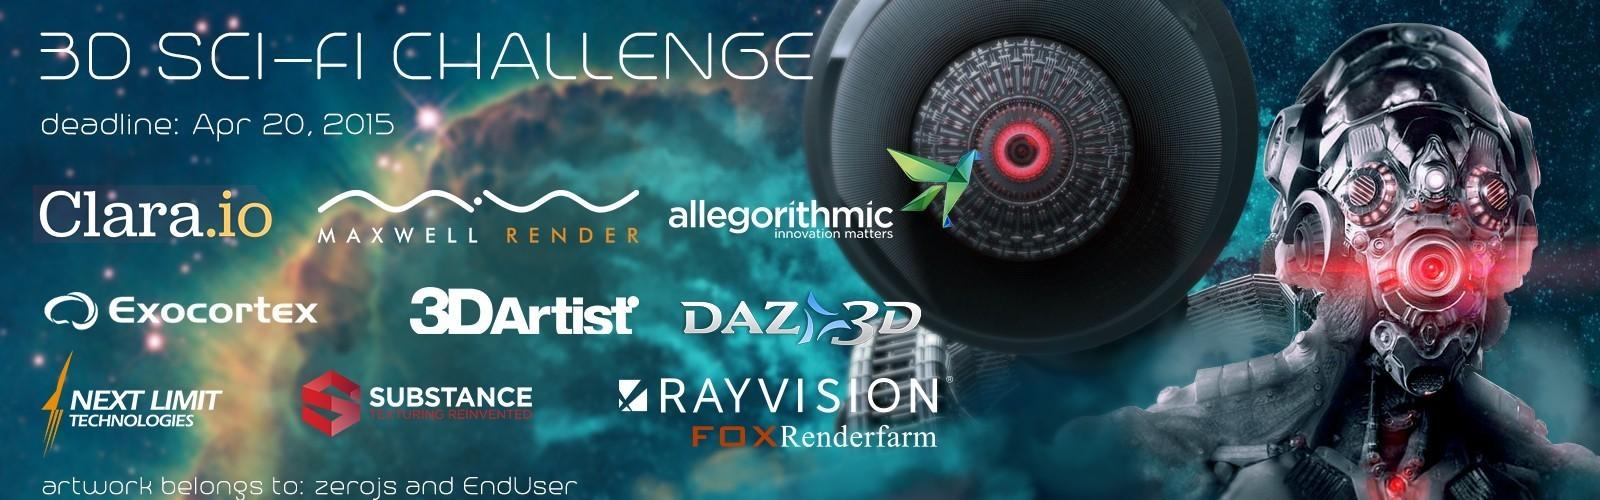 瑞云Rayvision渲染助力CGtrader 3D科幻竞赛——有胆,你就来战!